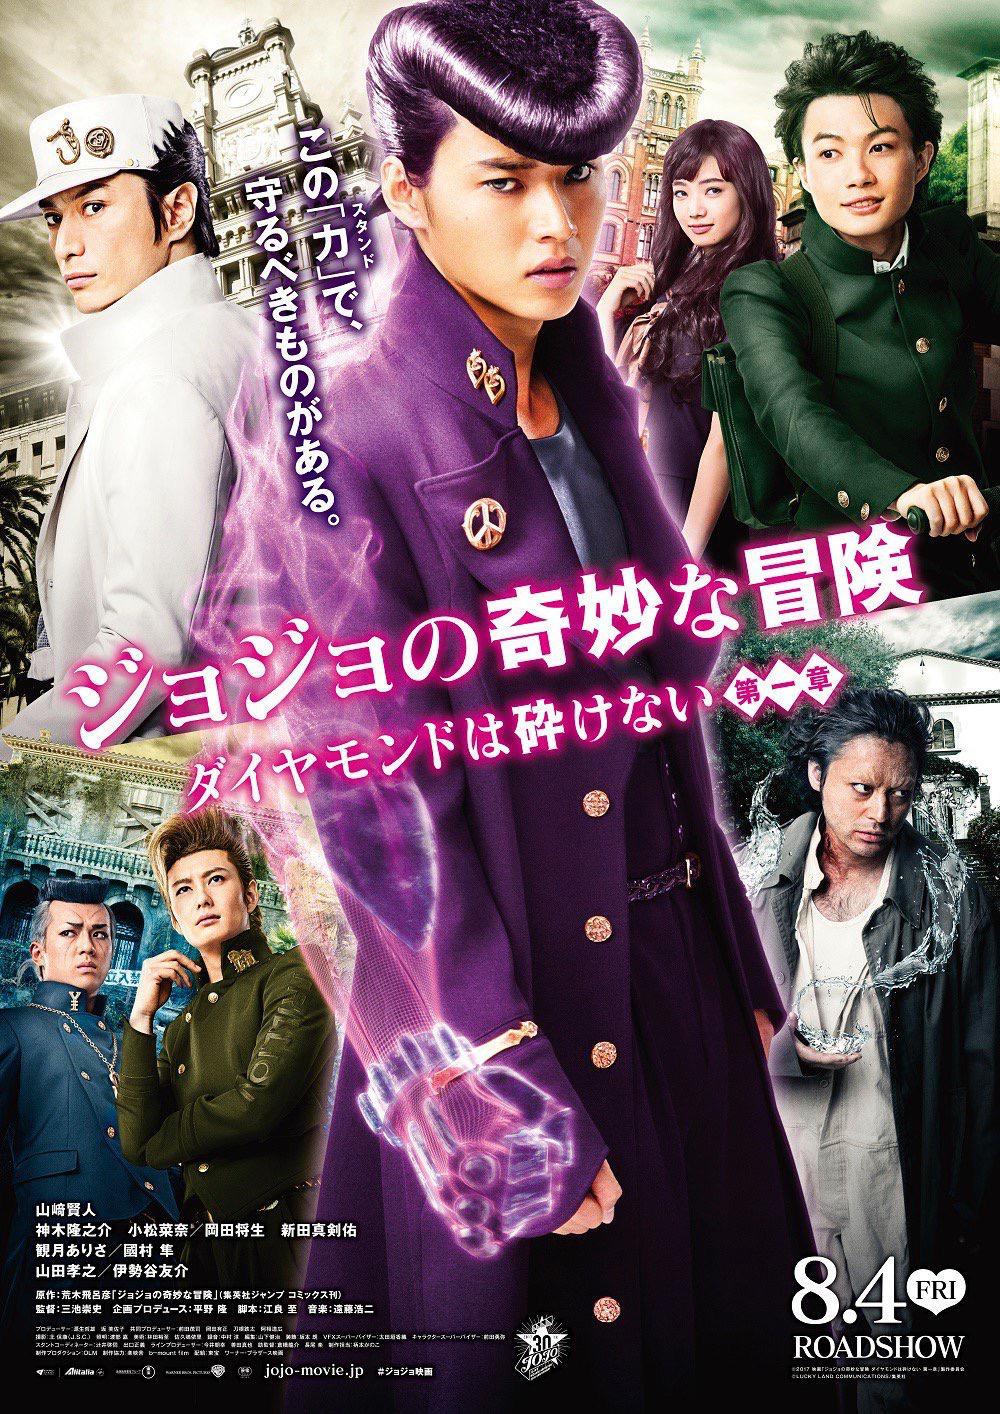 漫改小王子再度出击!山崎贤人2019年又将回归参演两部漫改电影!插图6